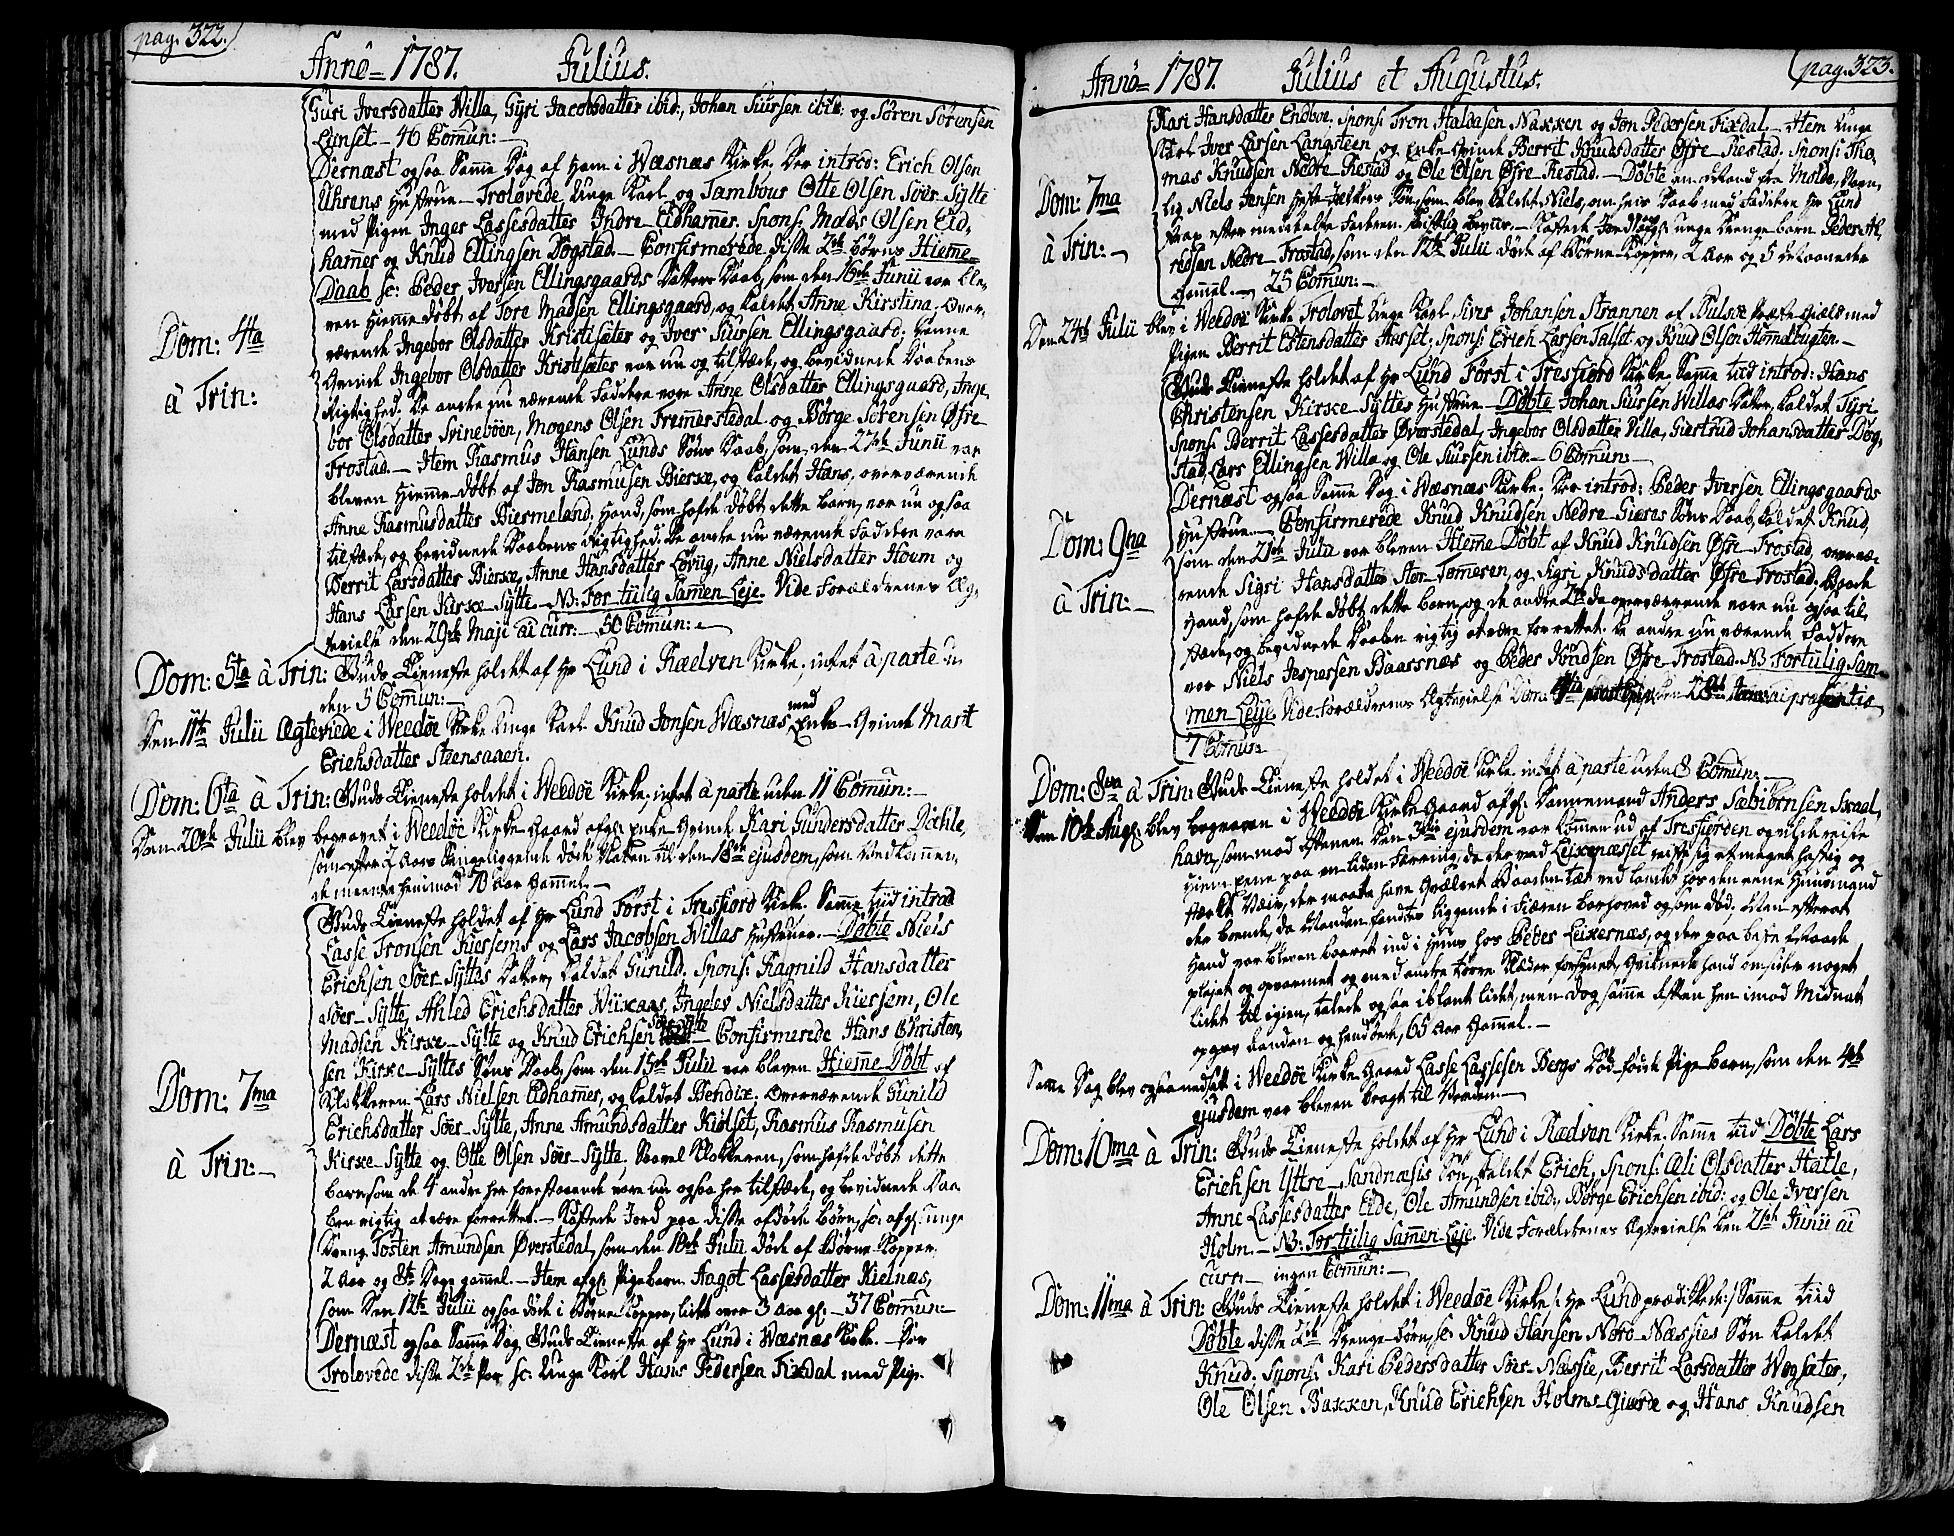 SAT, Ministerialprotokoller, klokkerbøker og fødselsregistre - Møre og Romsdal, 547/L0600: Ministerialbok nr. 547A02, 1765-1799, s. 322-323